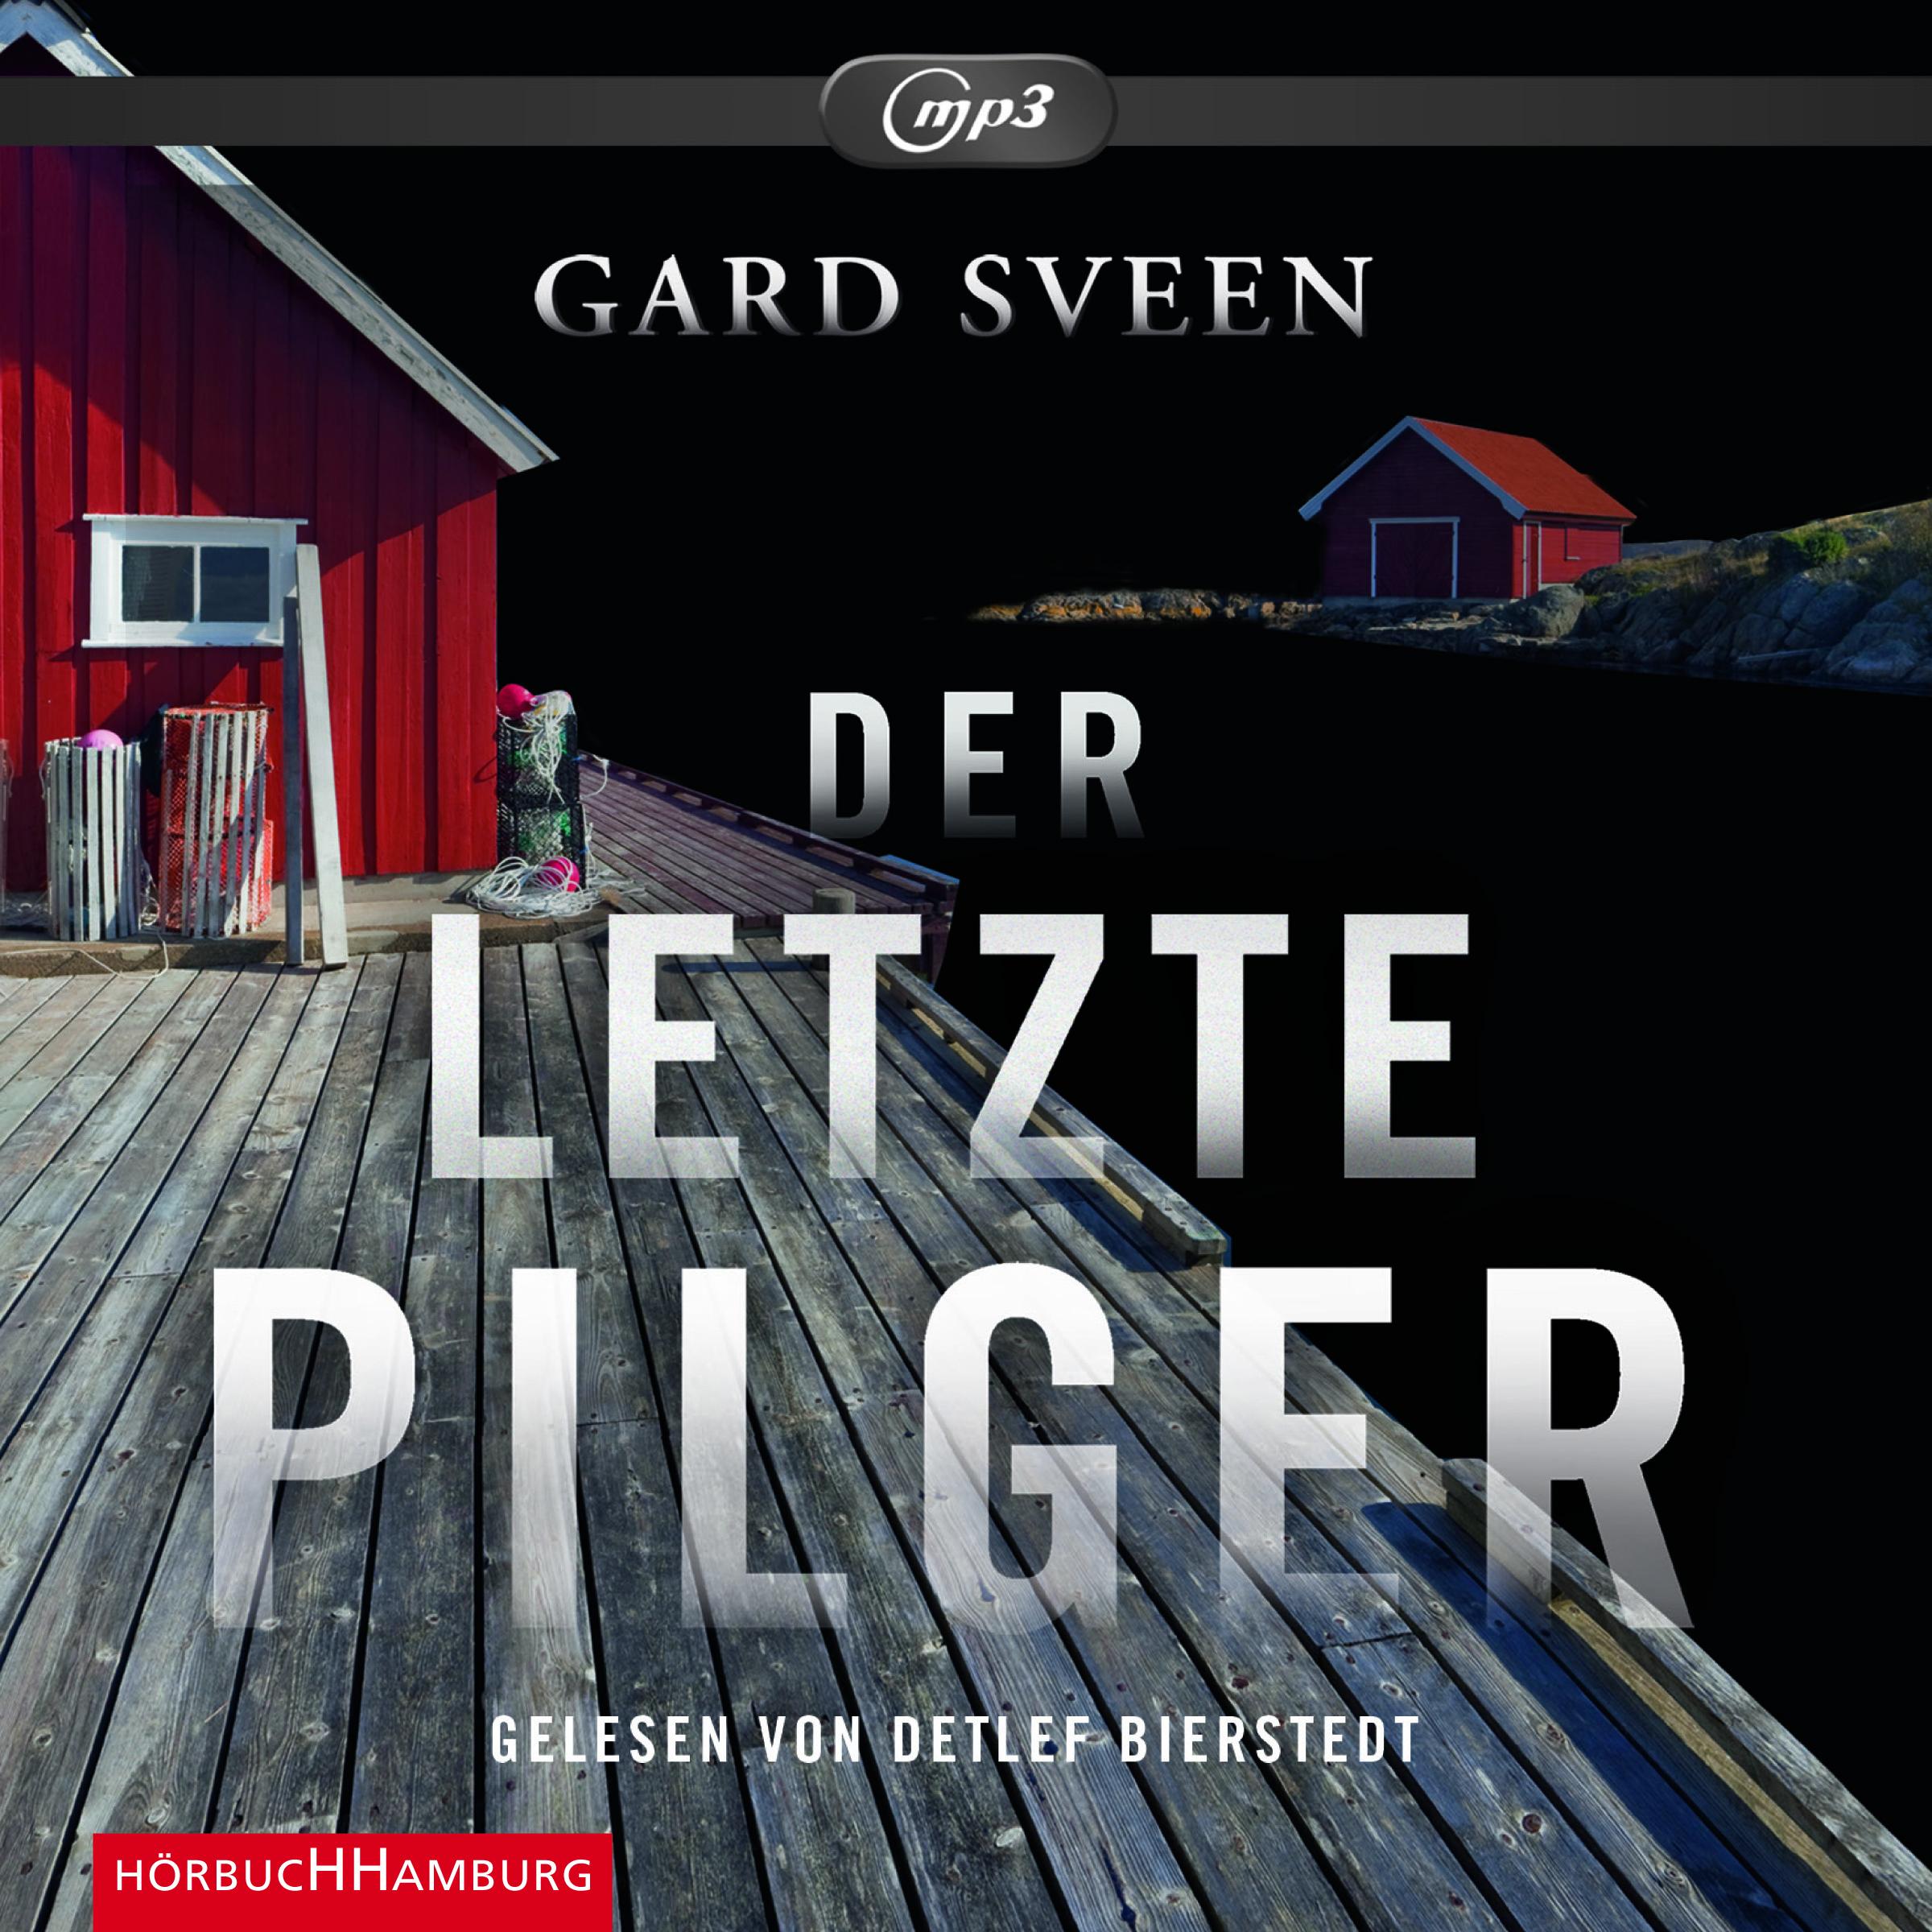 Cover für das Der letzte Pilger Hörbuch